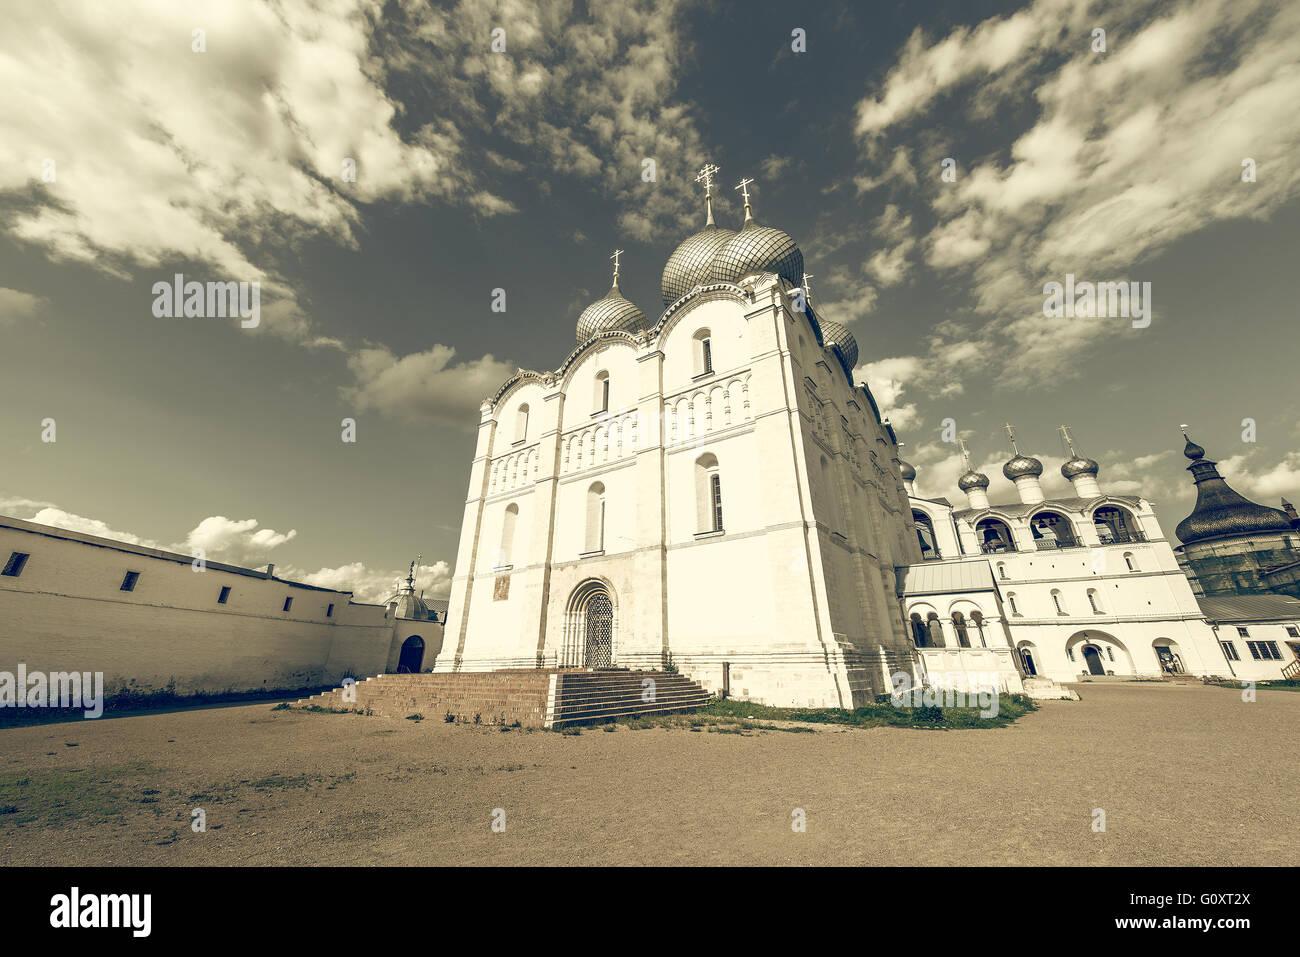 Orthodox churches by the Kremlin. Rostov. Stock Photo